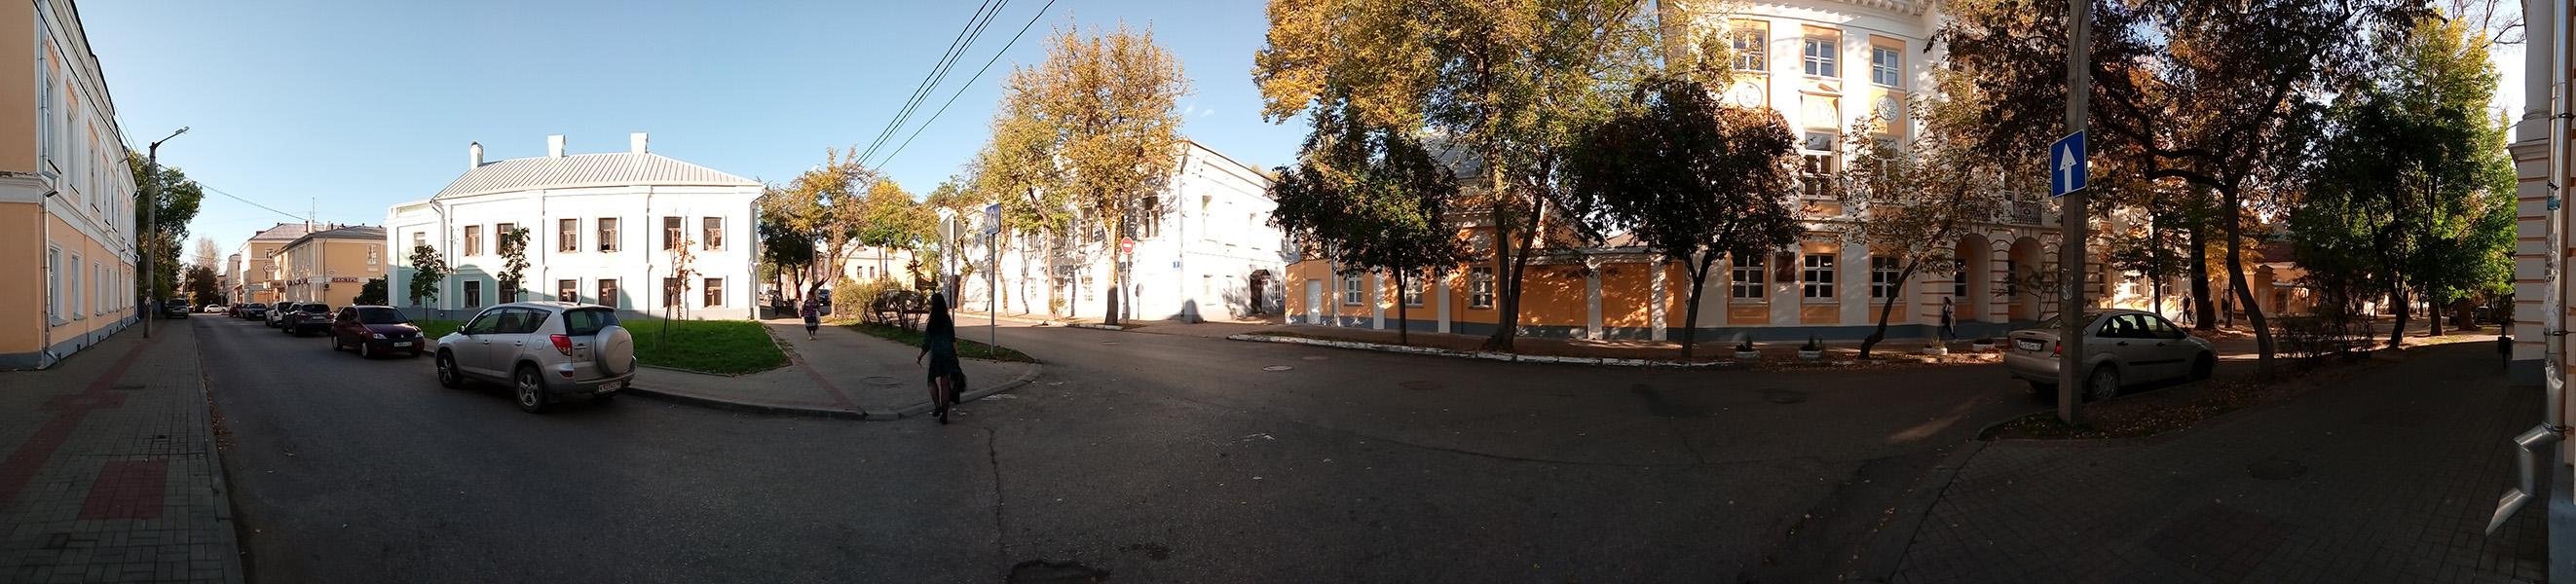 Панорамный снимок с MeizuM2 mini